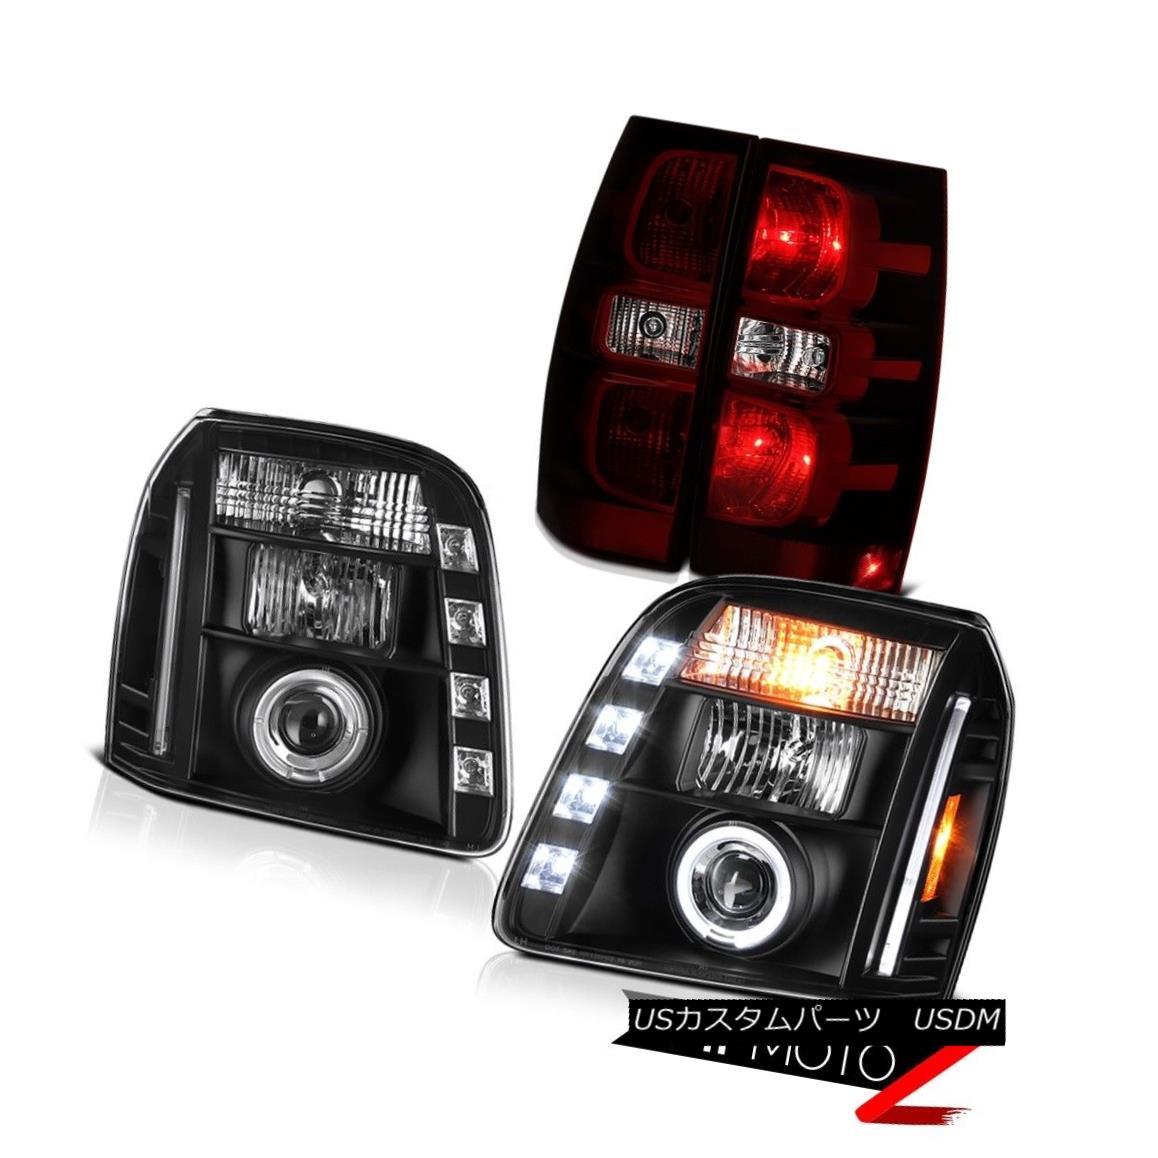 テールライト 2007-2014 GMC Yukon SLE Smokey Red Tail Brake Lamps Headlamps Halo Ring Assembly 2007-2014 GMC Yukon SLE Smokeyレッドテールブレーキランプヘッドランプハローリングアセンブリ